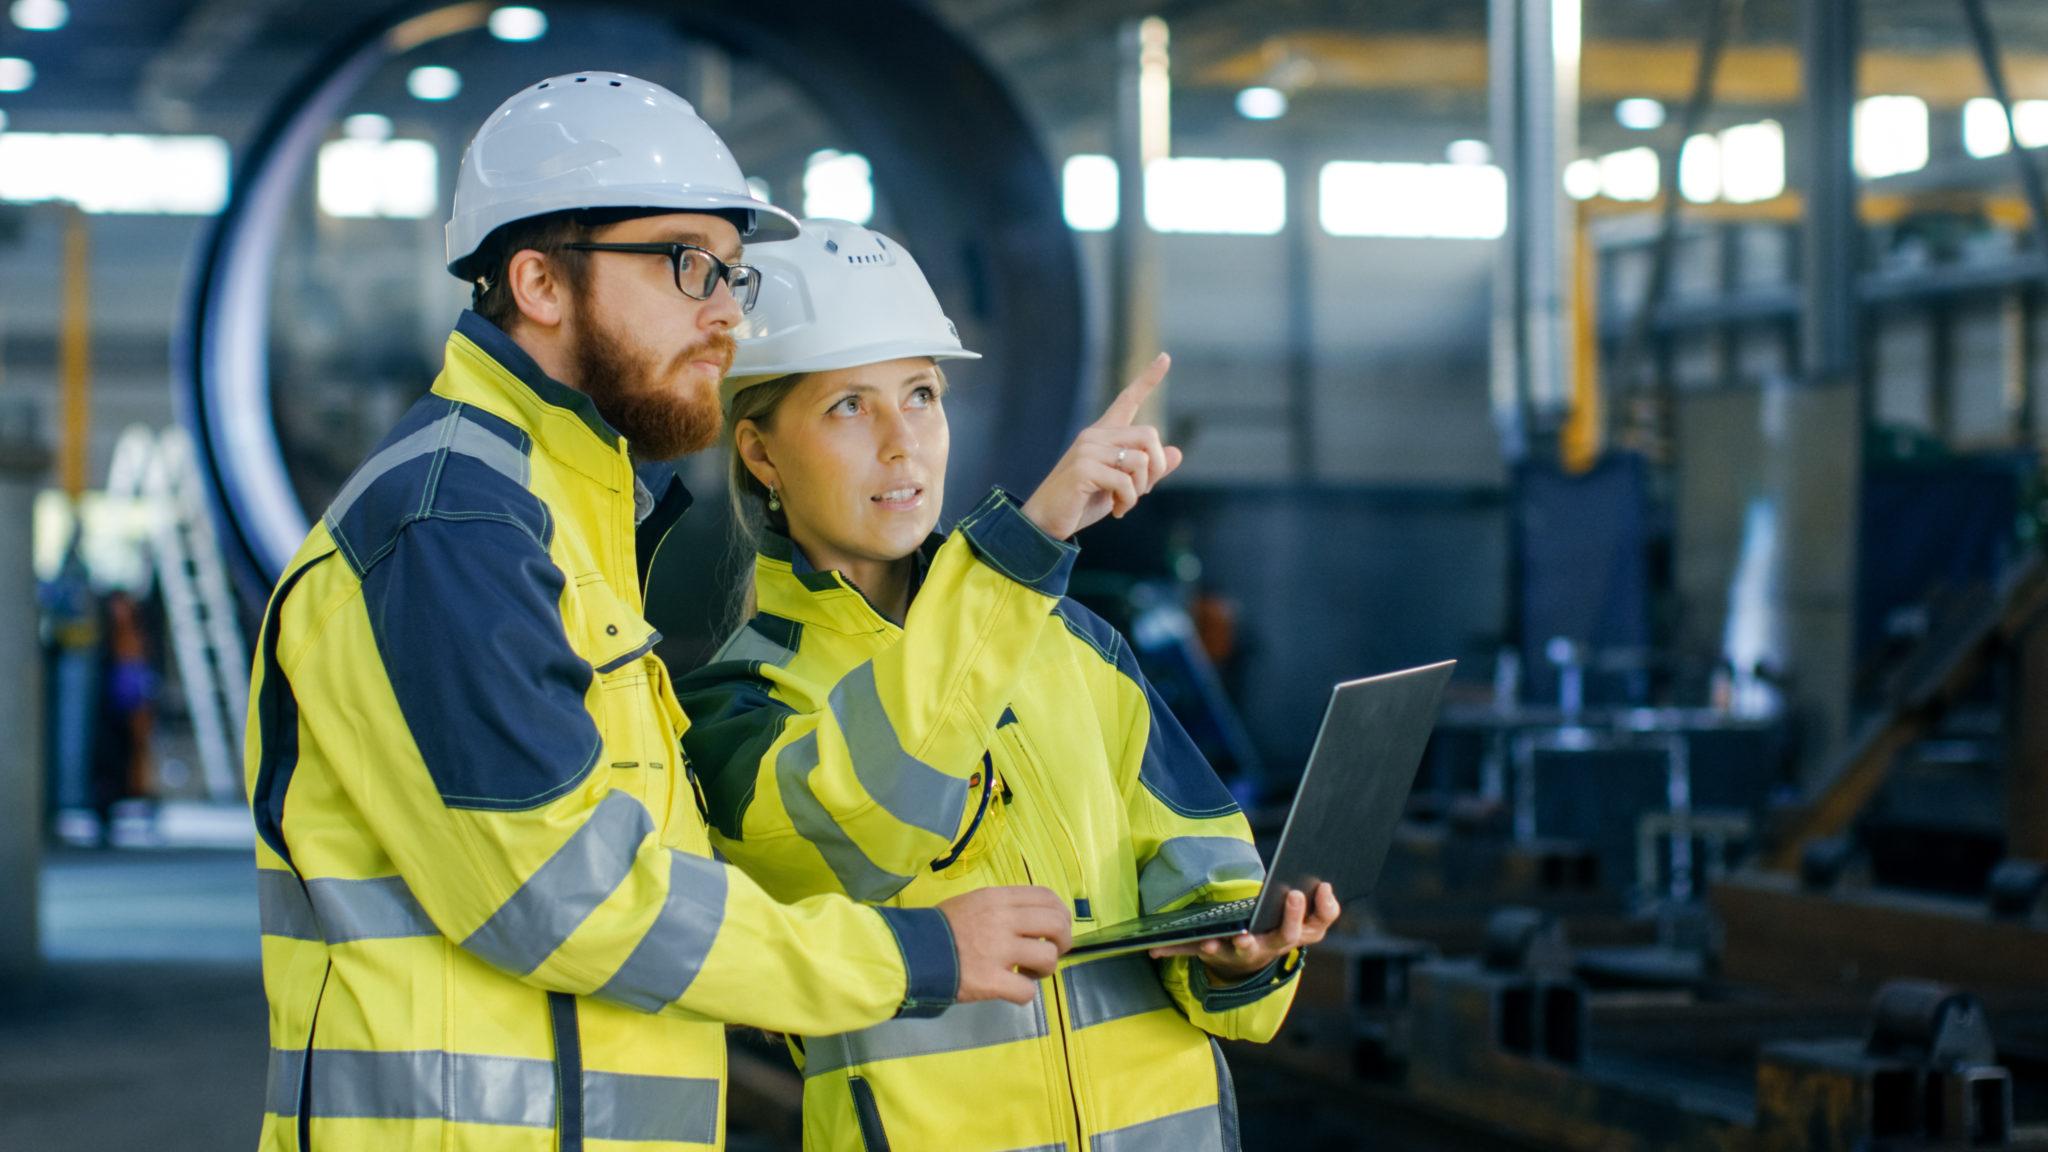 La valutazione interattiva dei rischi per la salute e la sicurezza sul lavoro